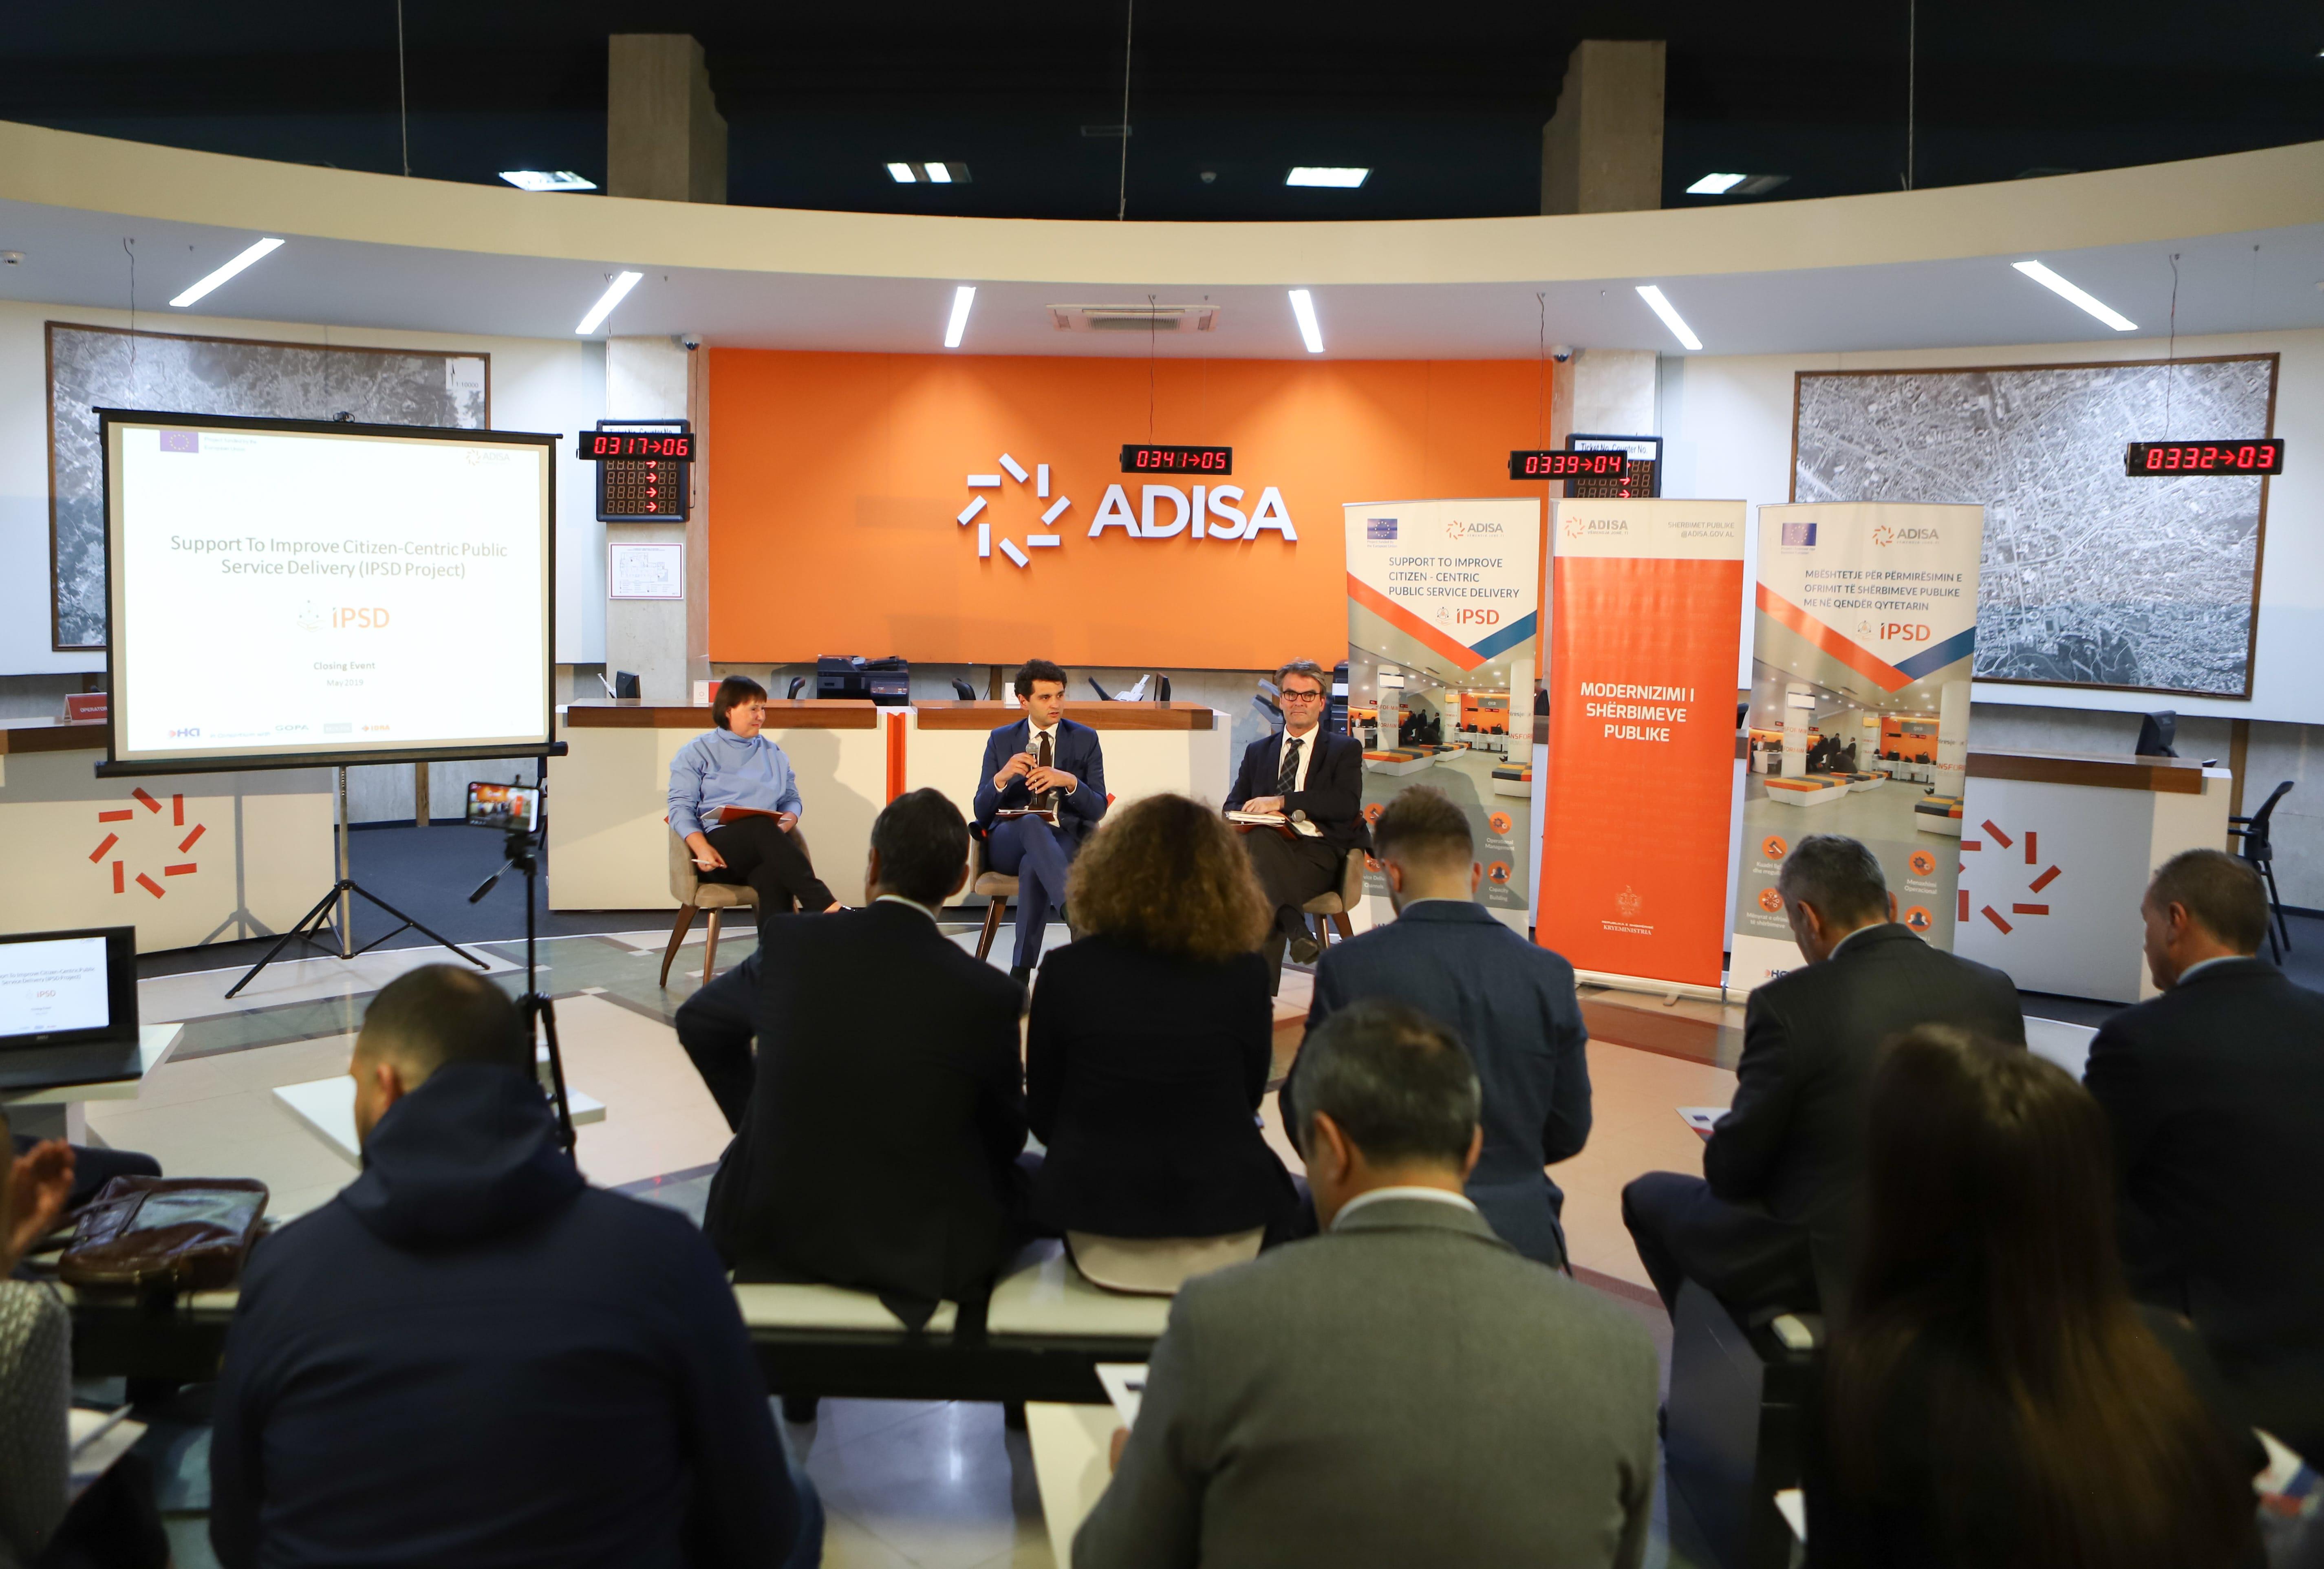 Ceremonia përmbyllëse e projektit IPSD me përfitues ADISA